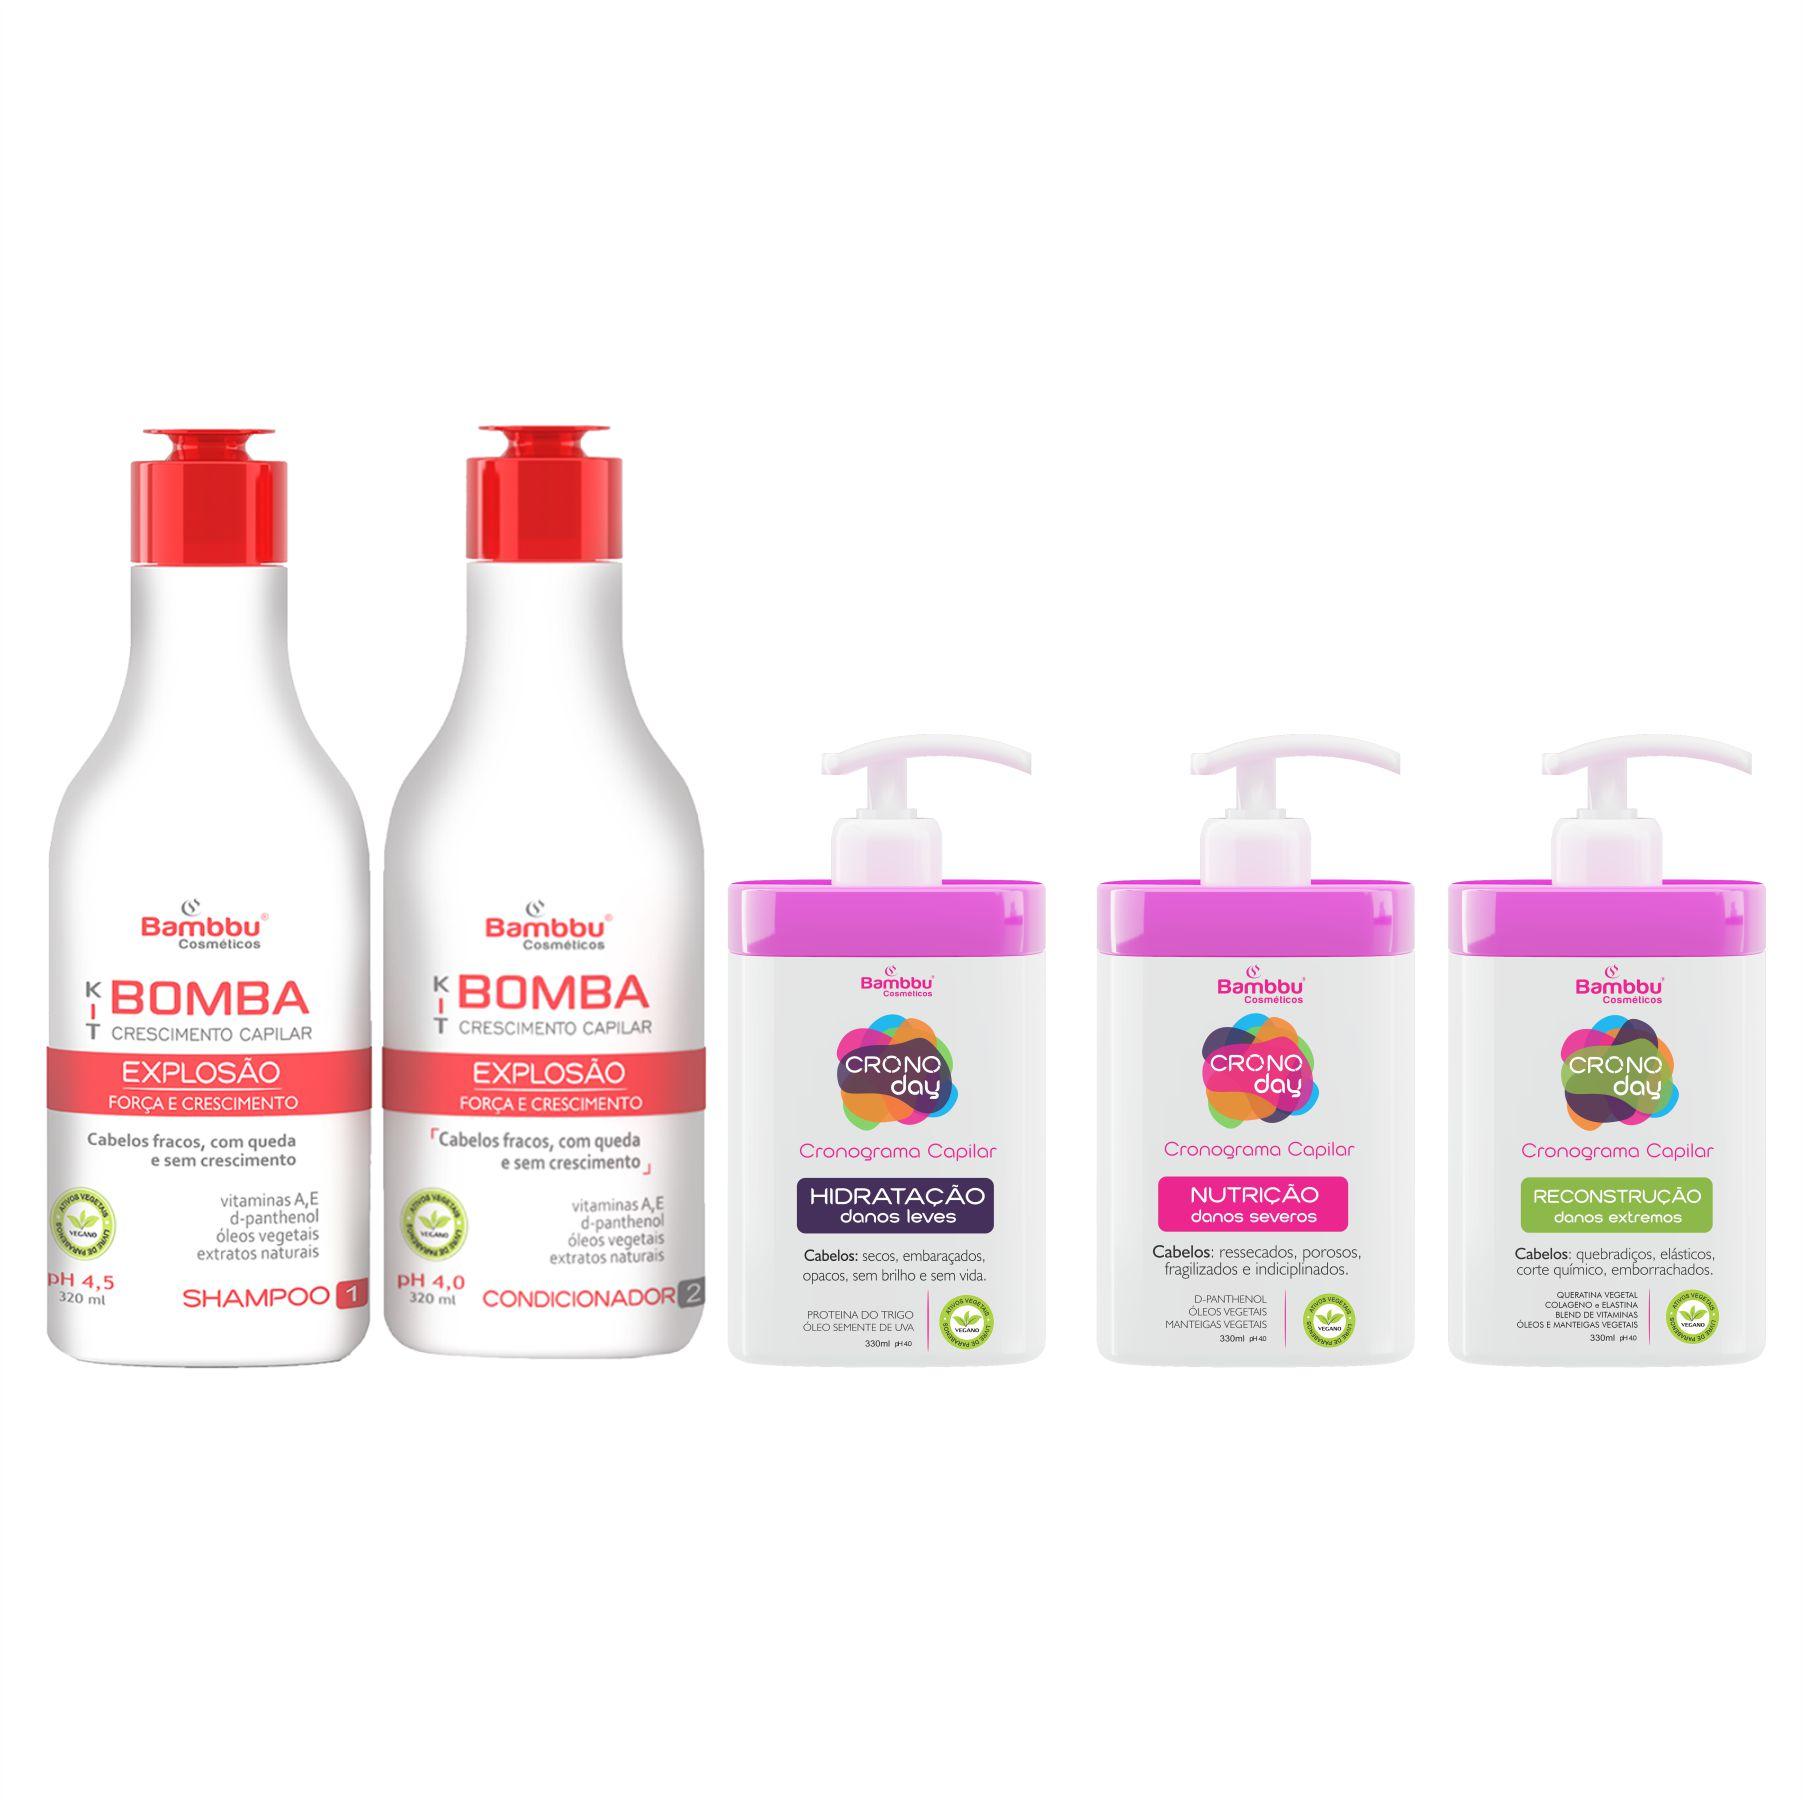 Shampoo e Condicionador Bomba (2 passos) e Cronograma Capilar (3 passos)